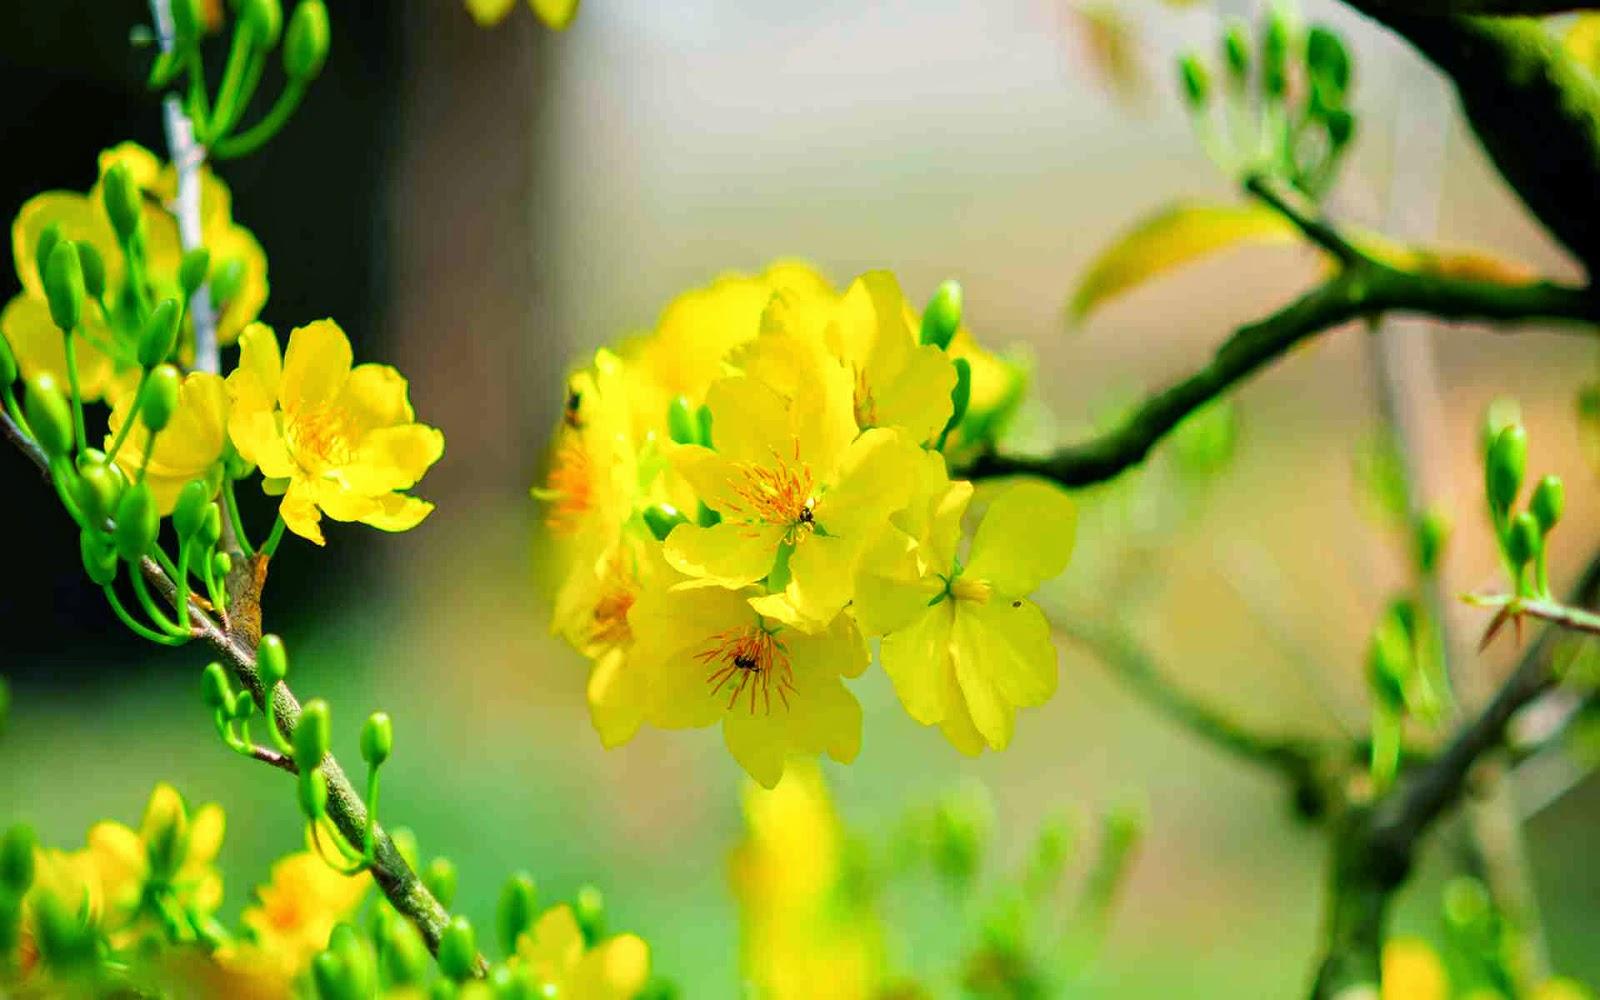 tải hình nền hoa mai đẹp nhất